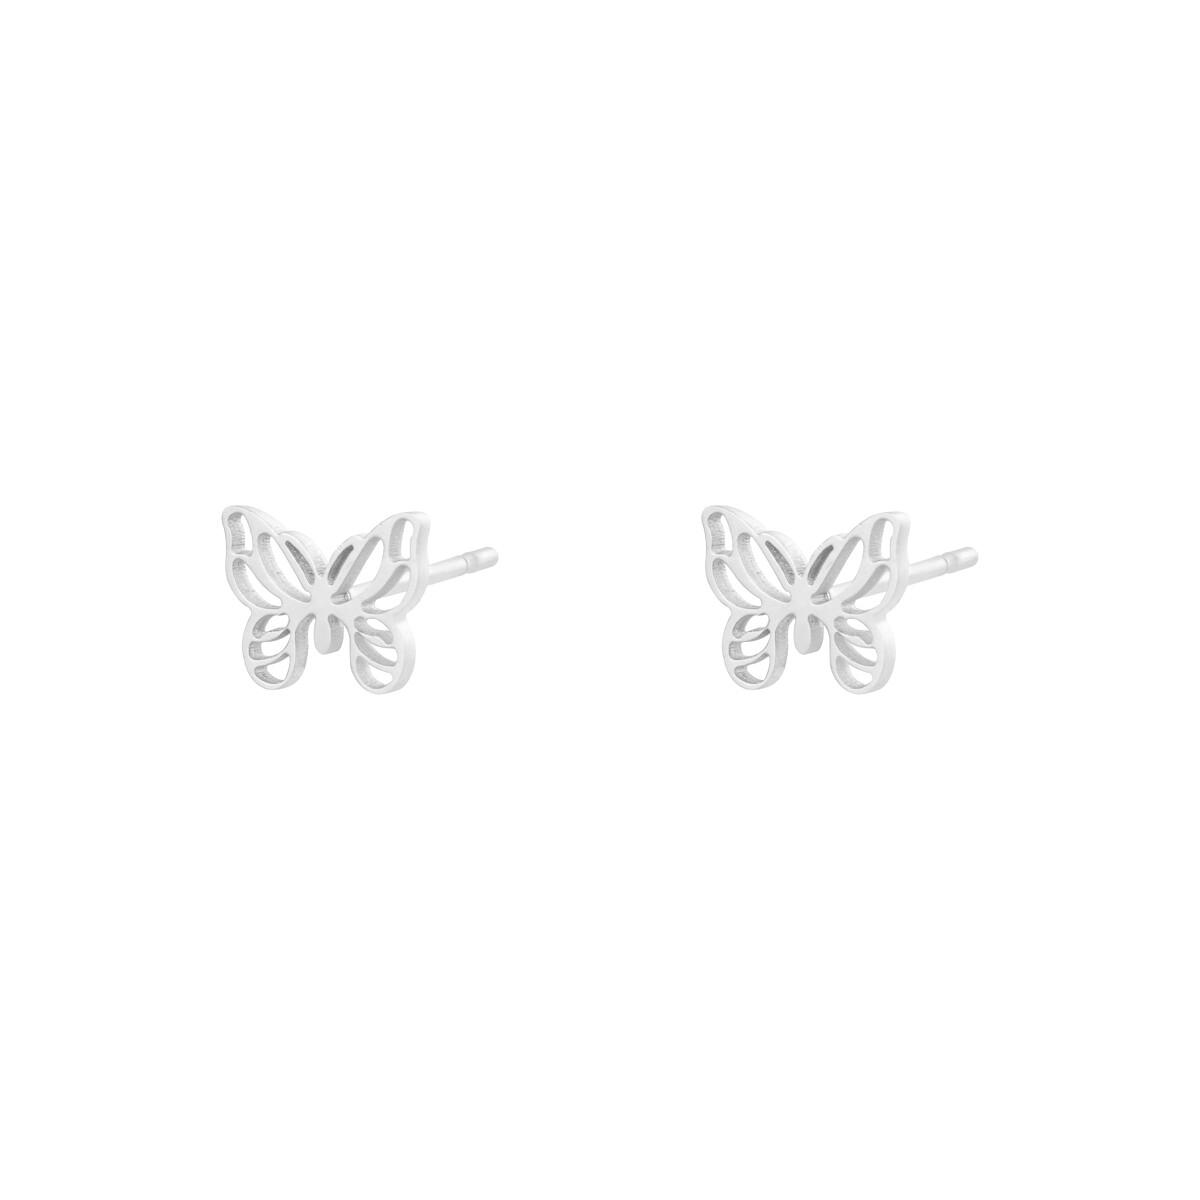 Vlinder knopjes stainless steel zilver